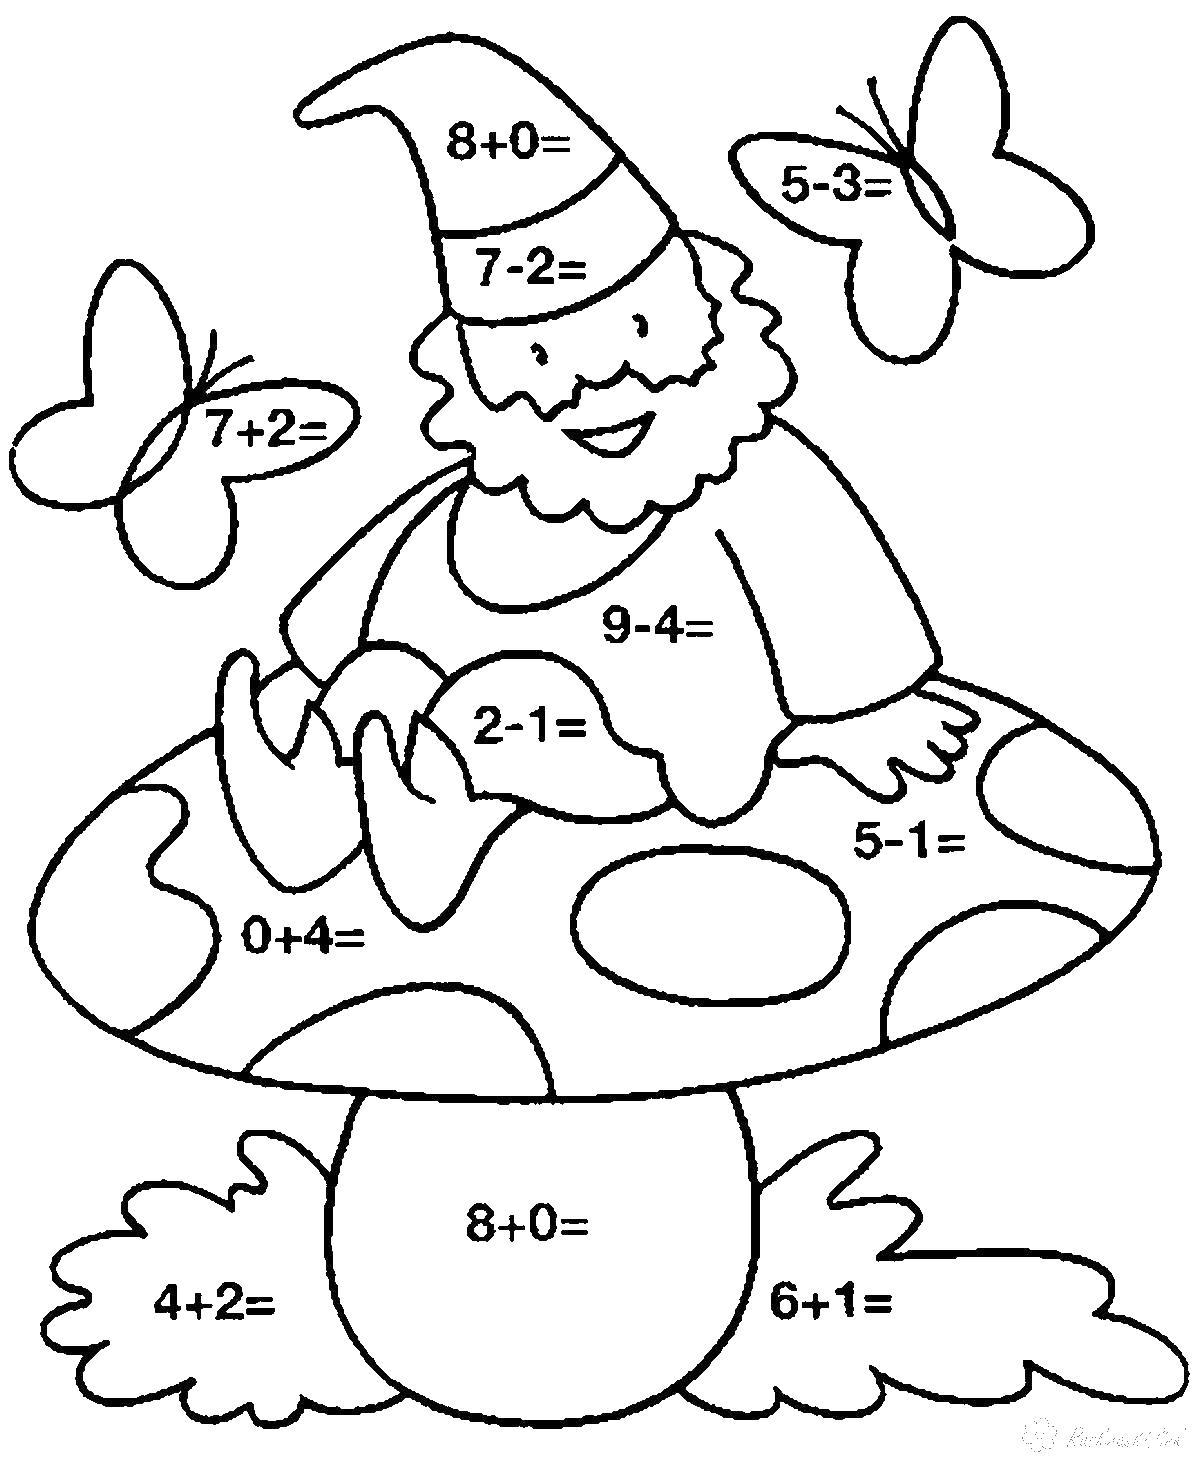 Раскраски бабочки гномик сидит на грибе, летают бабочки, математическая раскраска